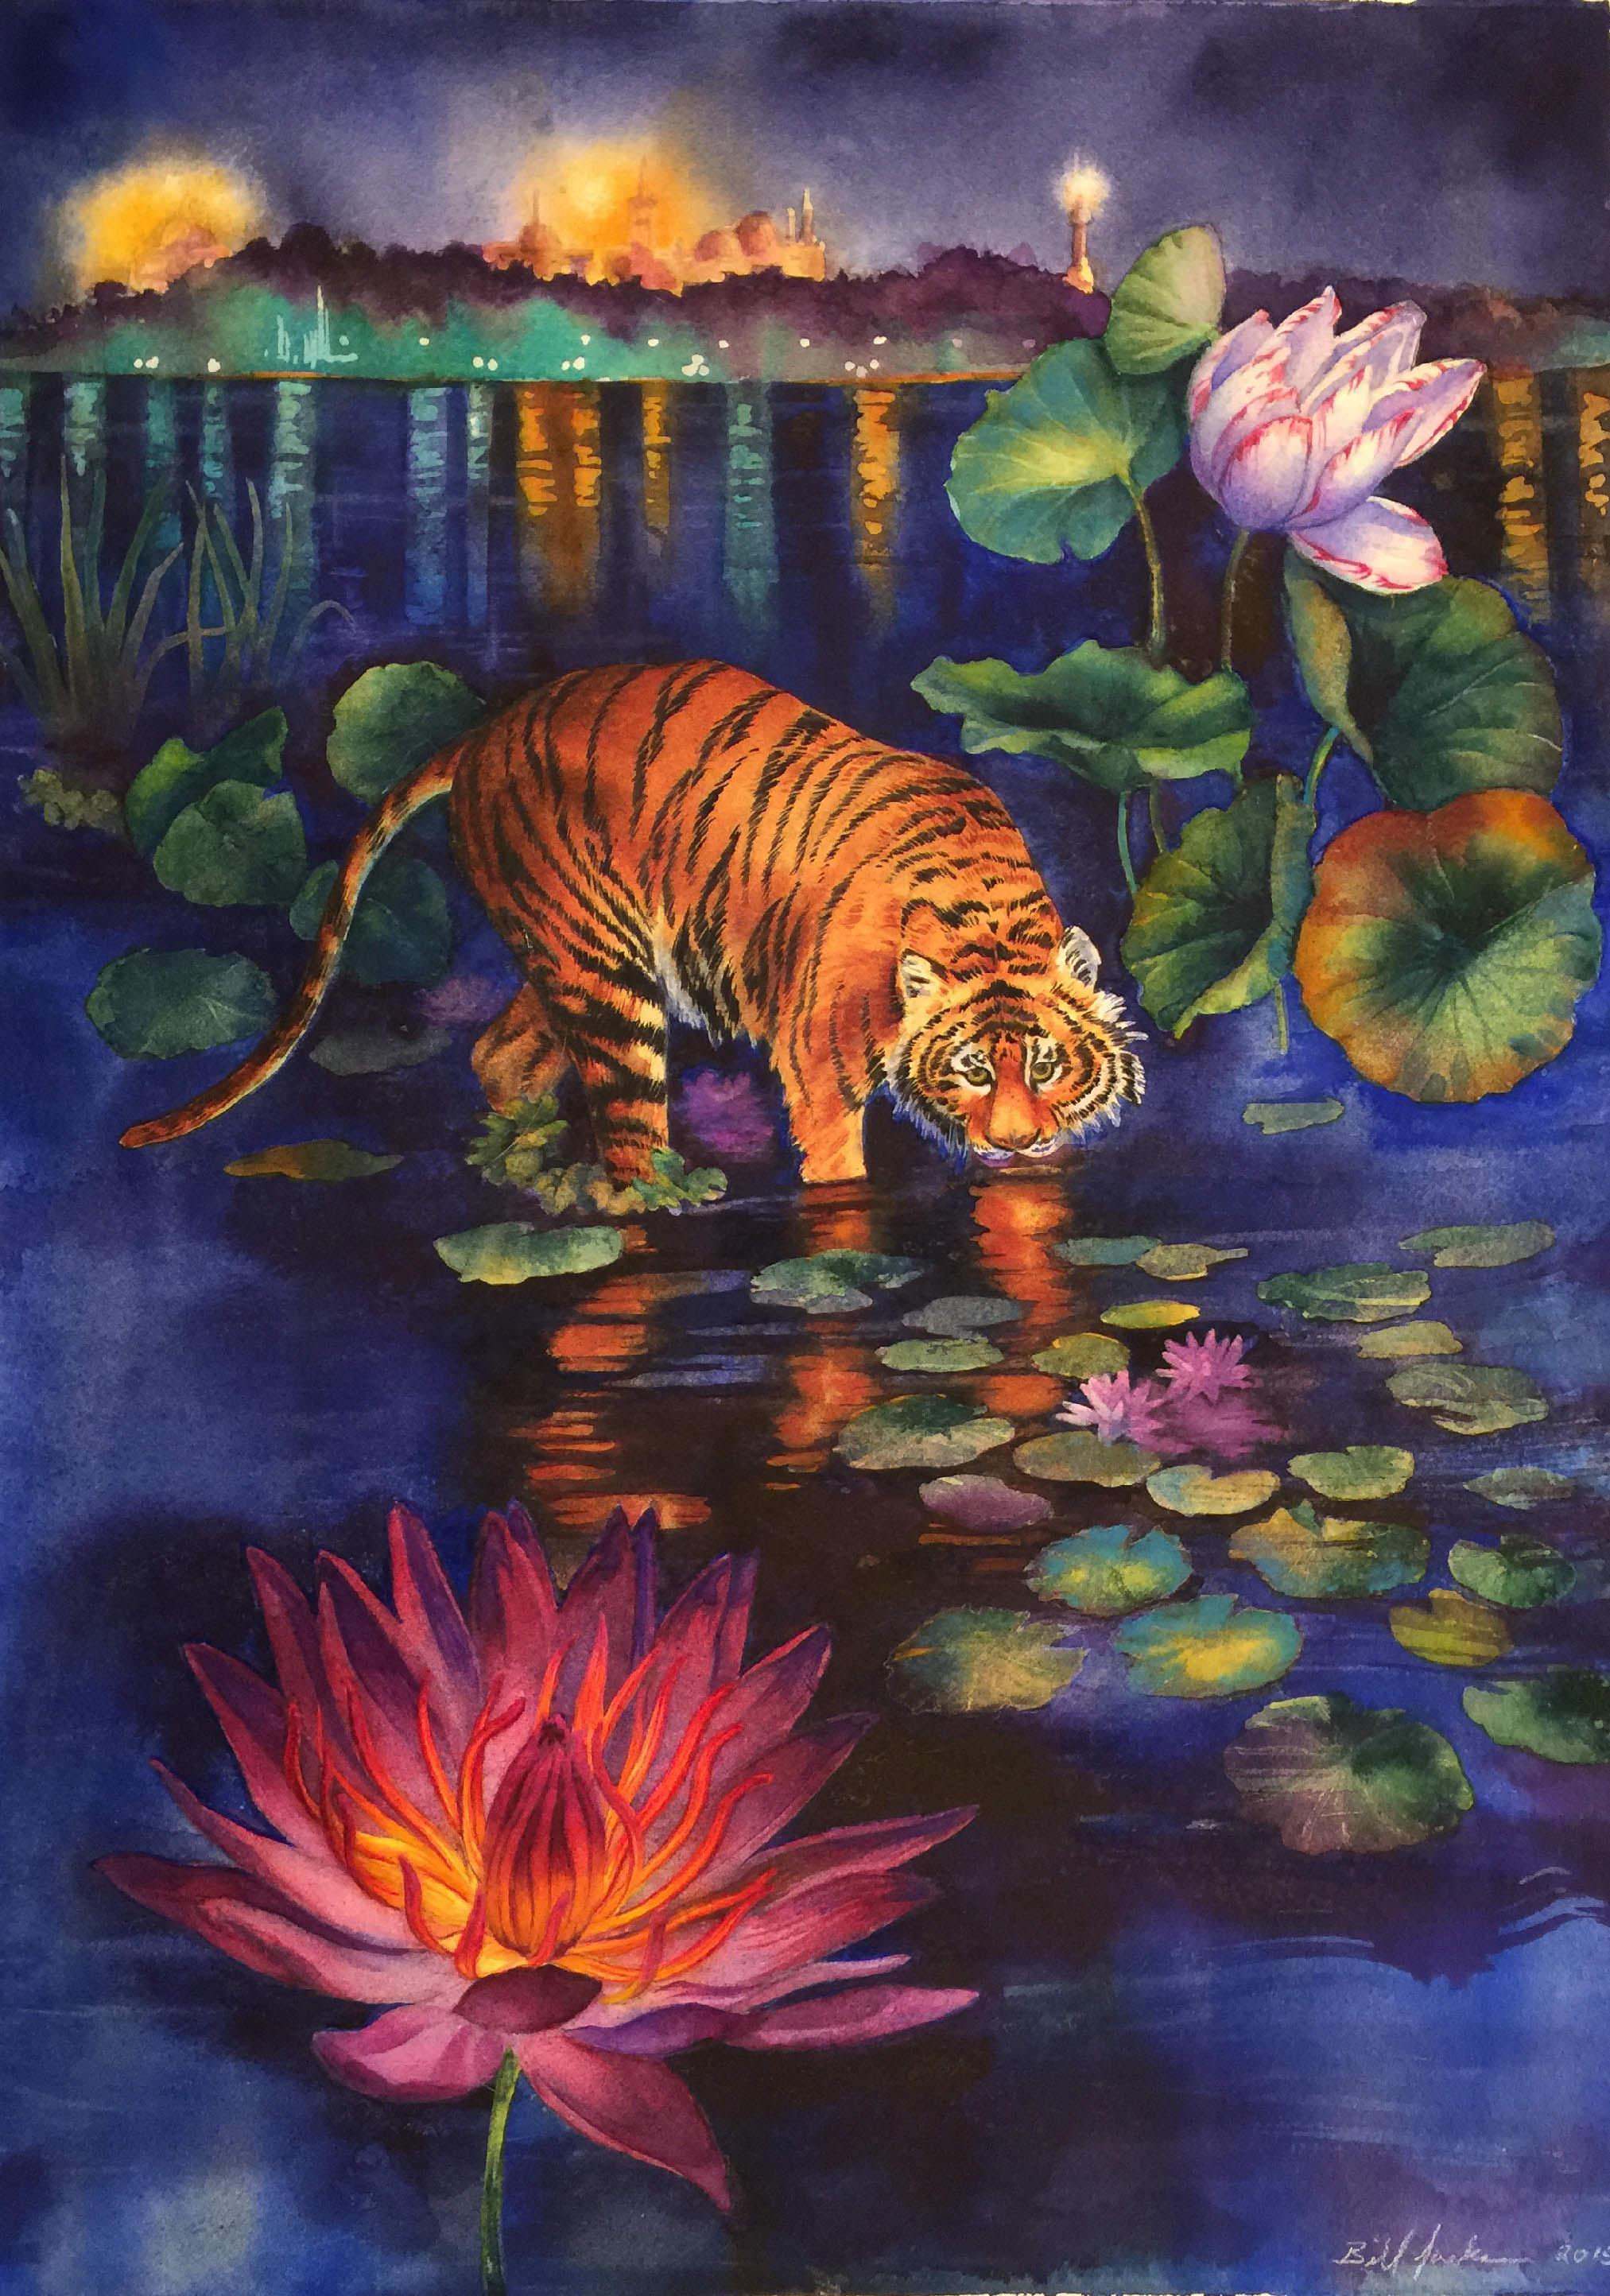 Connecticut watercolor artists directory - Doodlewash Watercolor By Bill Jackson Of Bosphorus Tiger